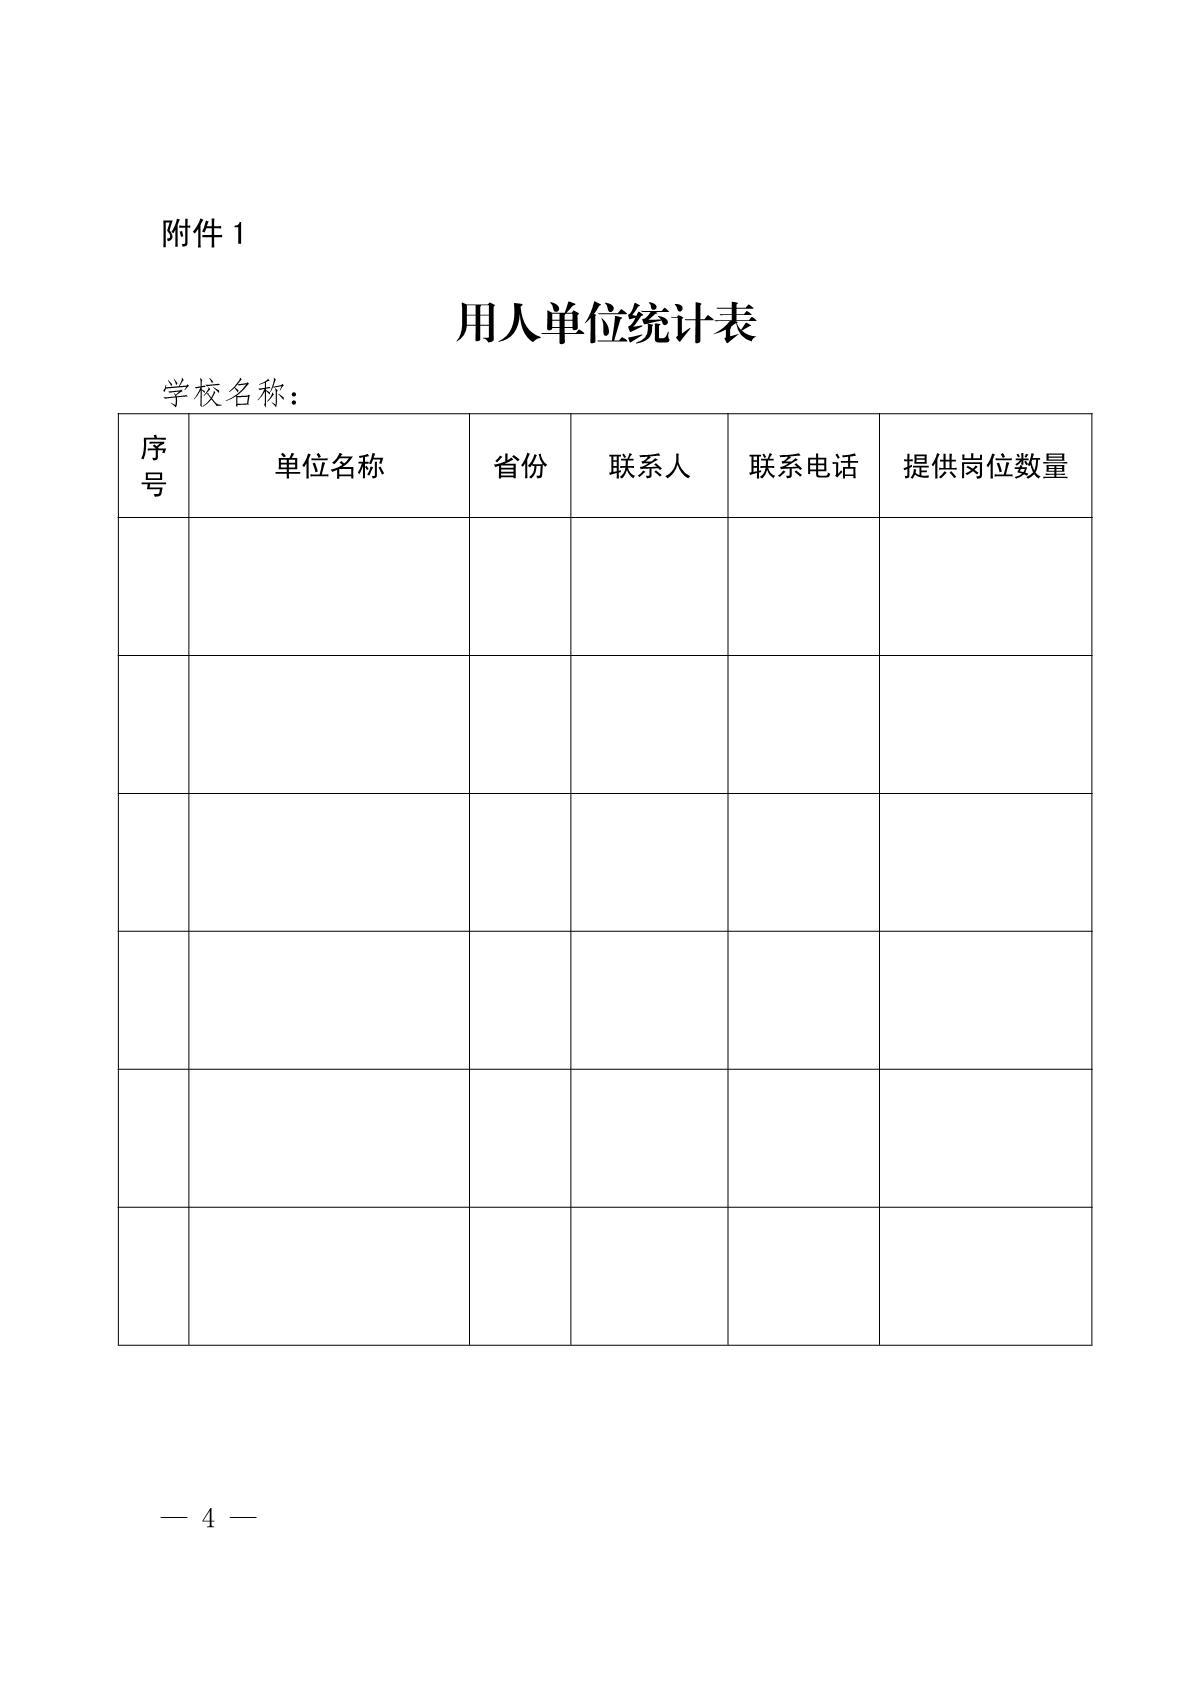 关于举办陕西省困难群体高校毕业生精准帮扶专场招聘会的通知(3)_4.JPG